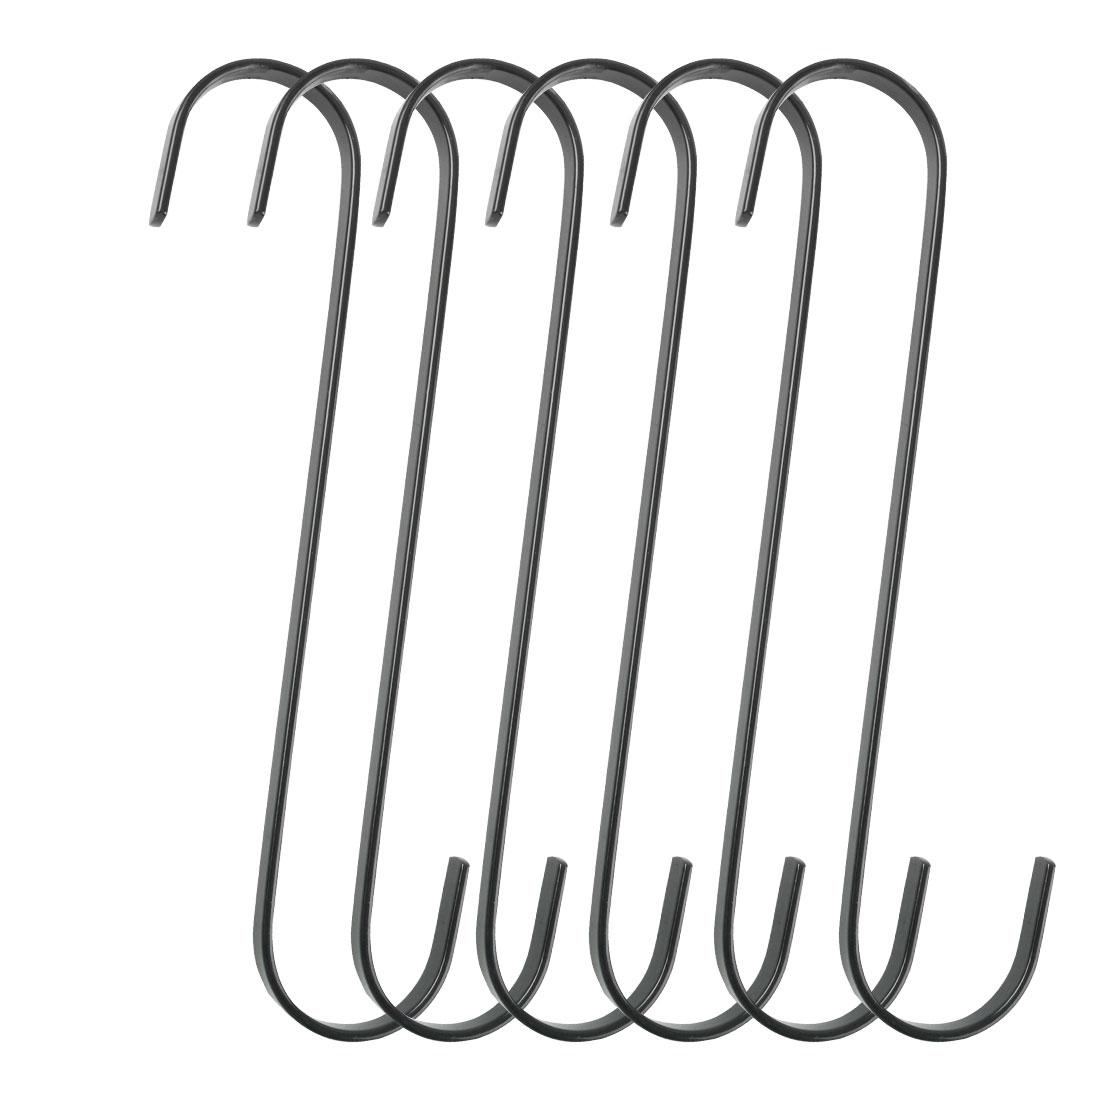 6pcs S Shape Hook Rack Stainless Steel for Pot Utensils Coat Towel Holder Black